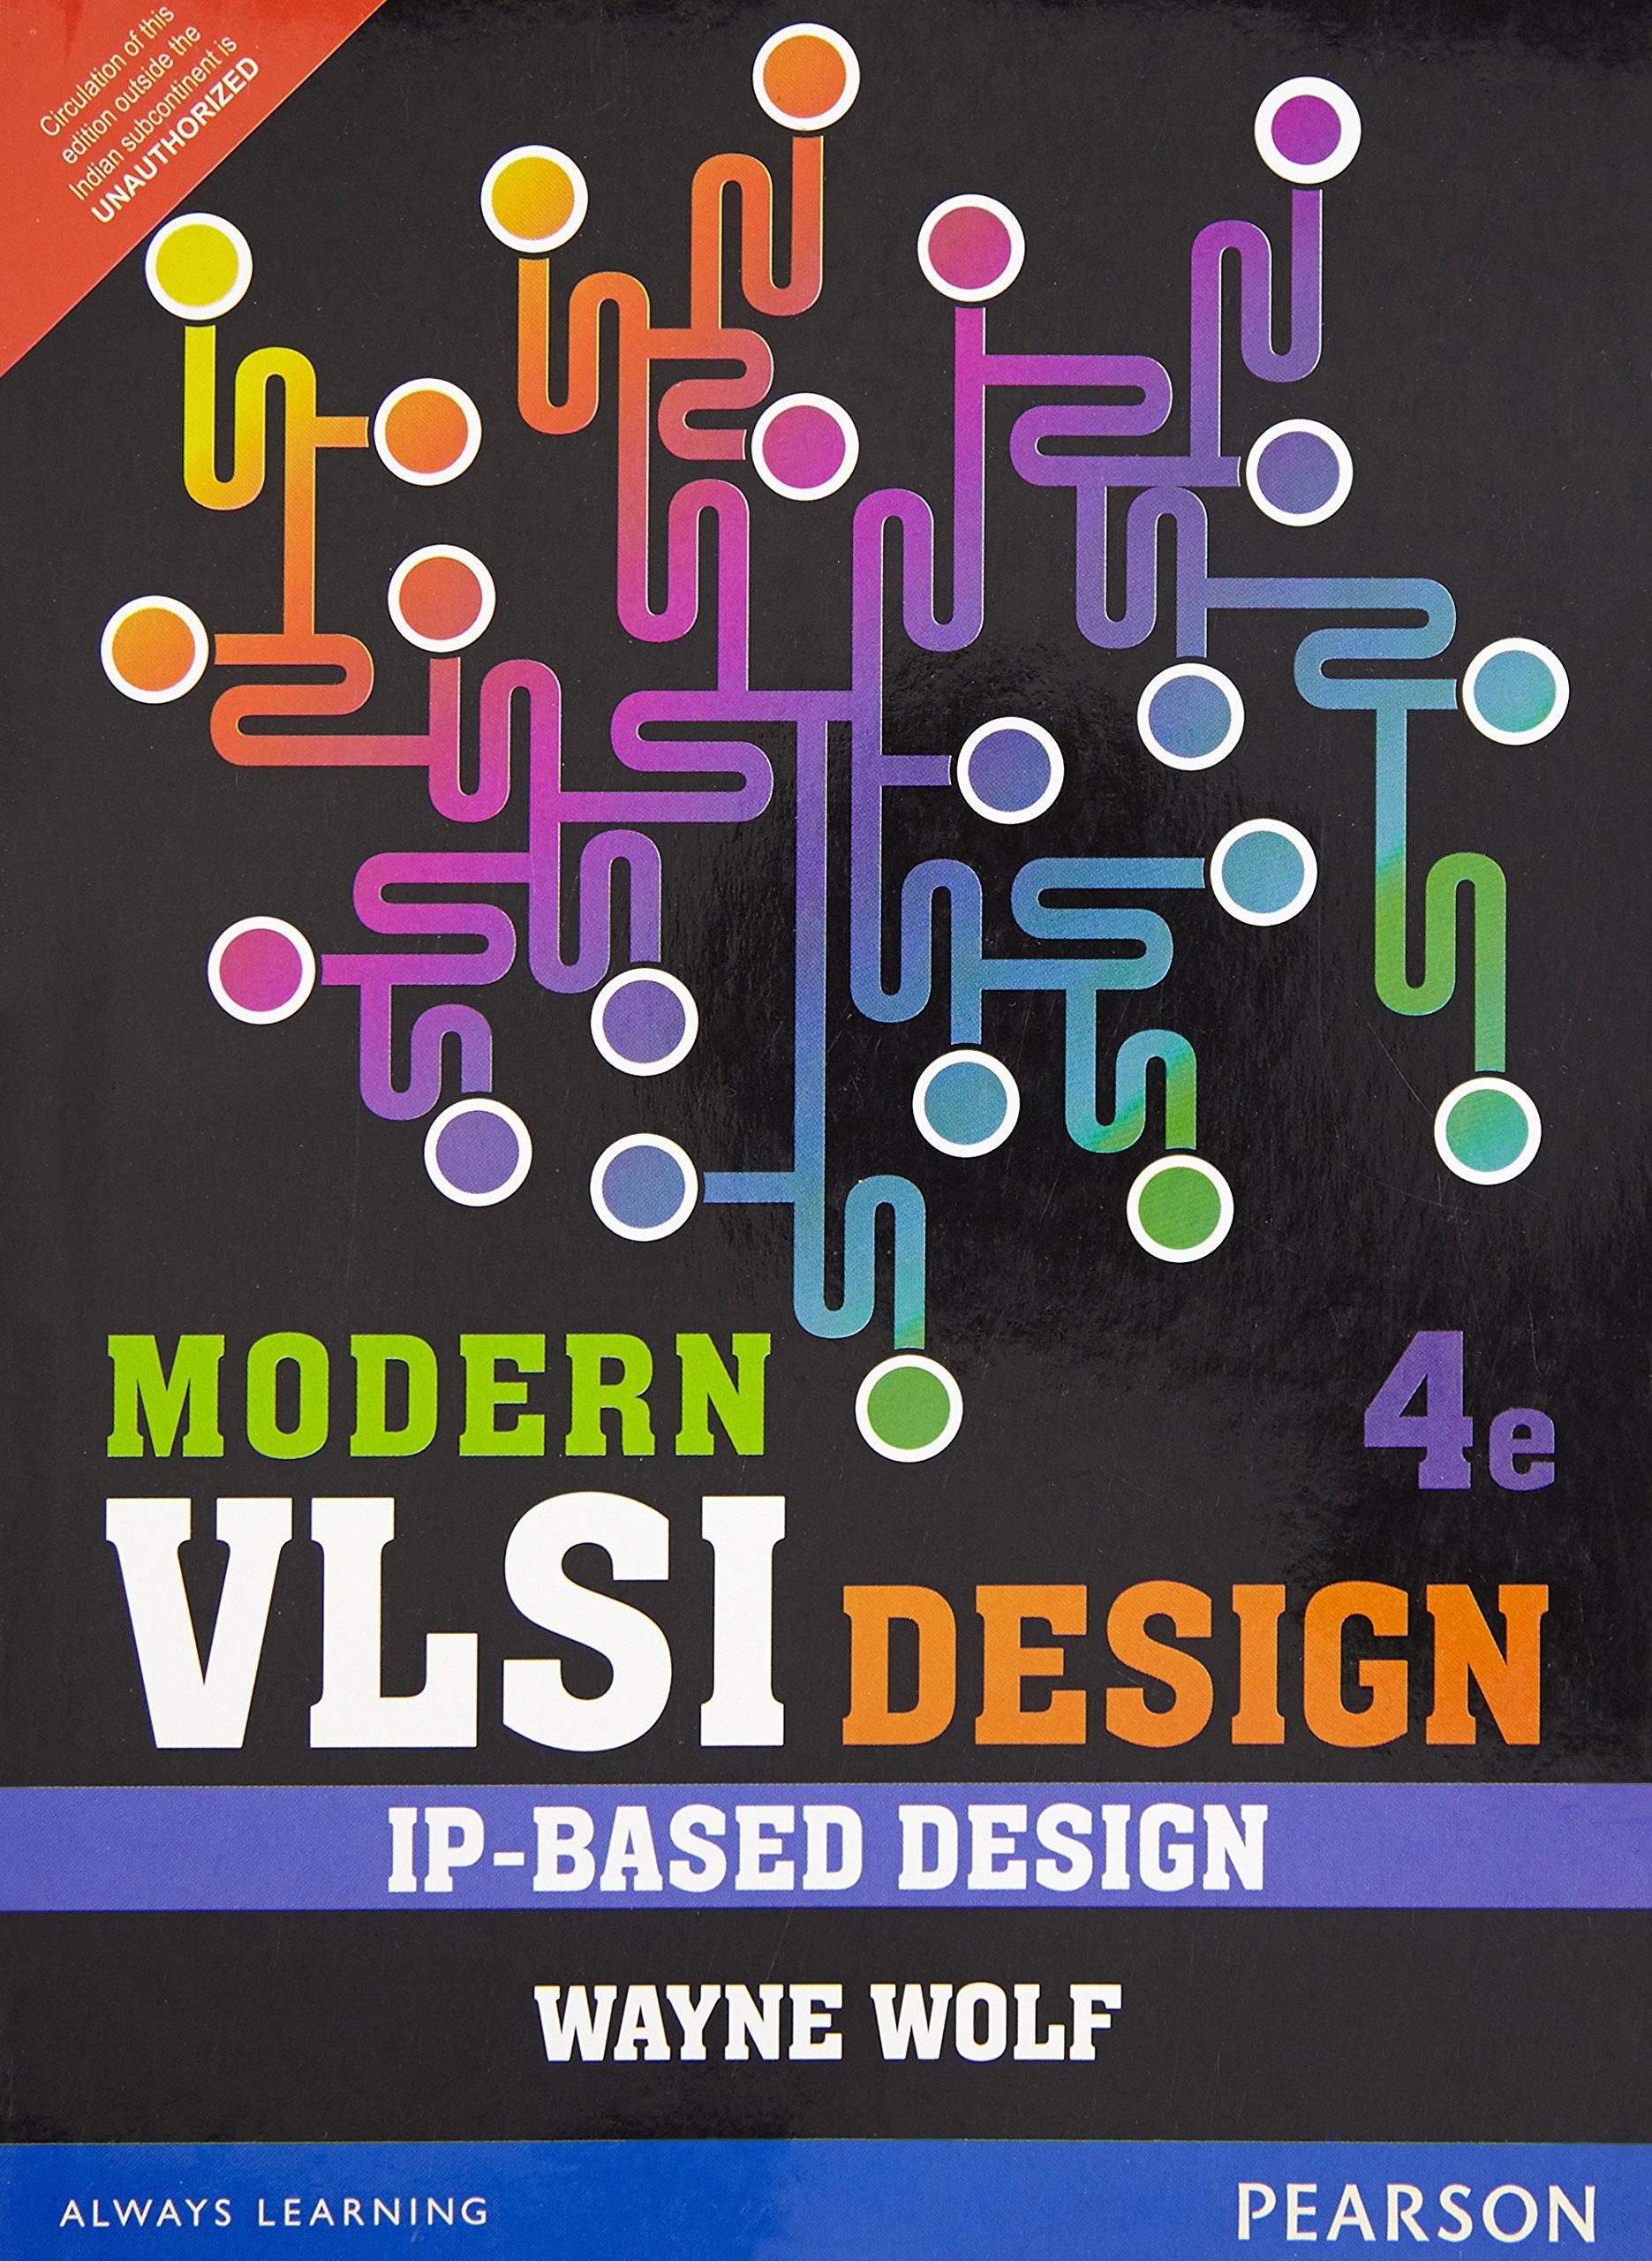 Wayne Wolf Modern Vlsi Design Pdf